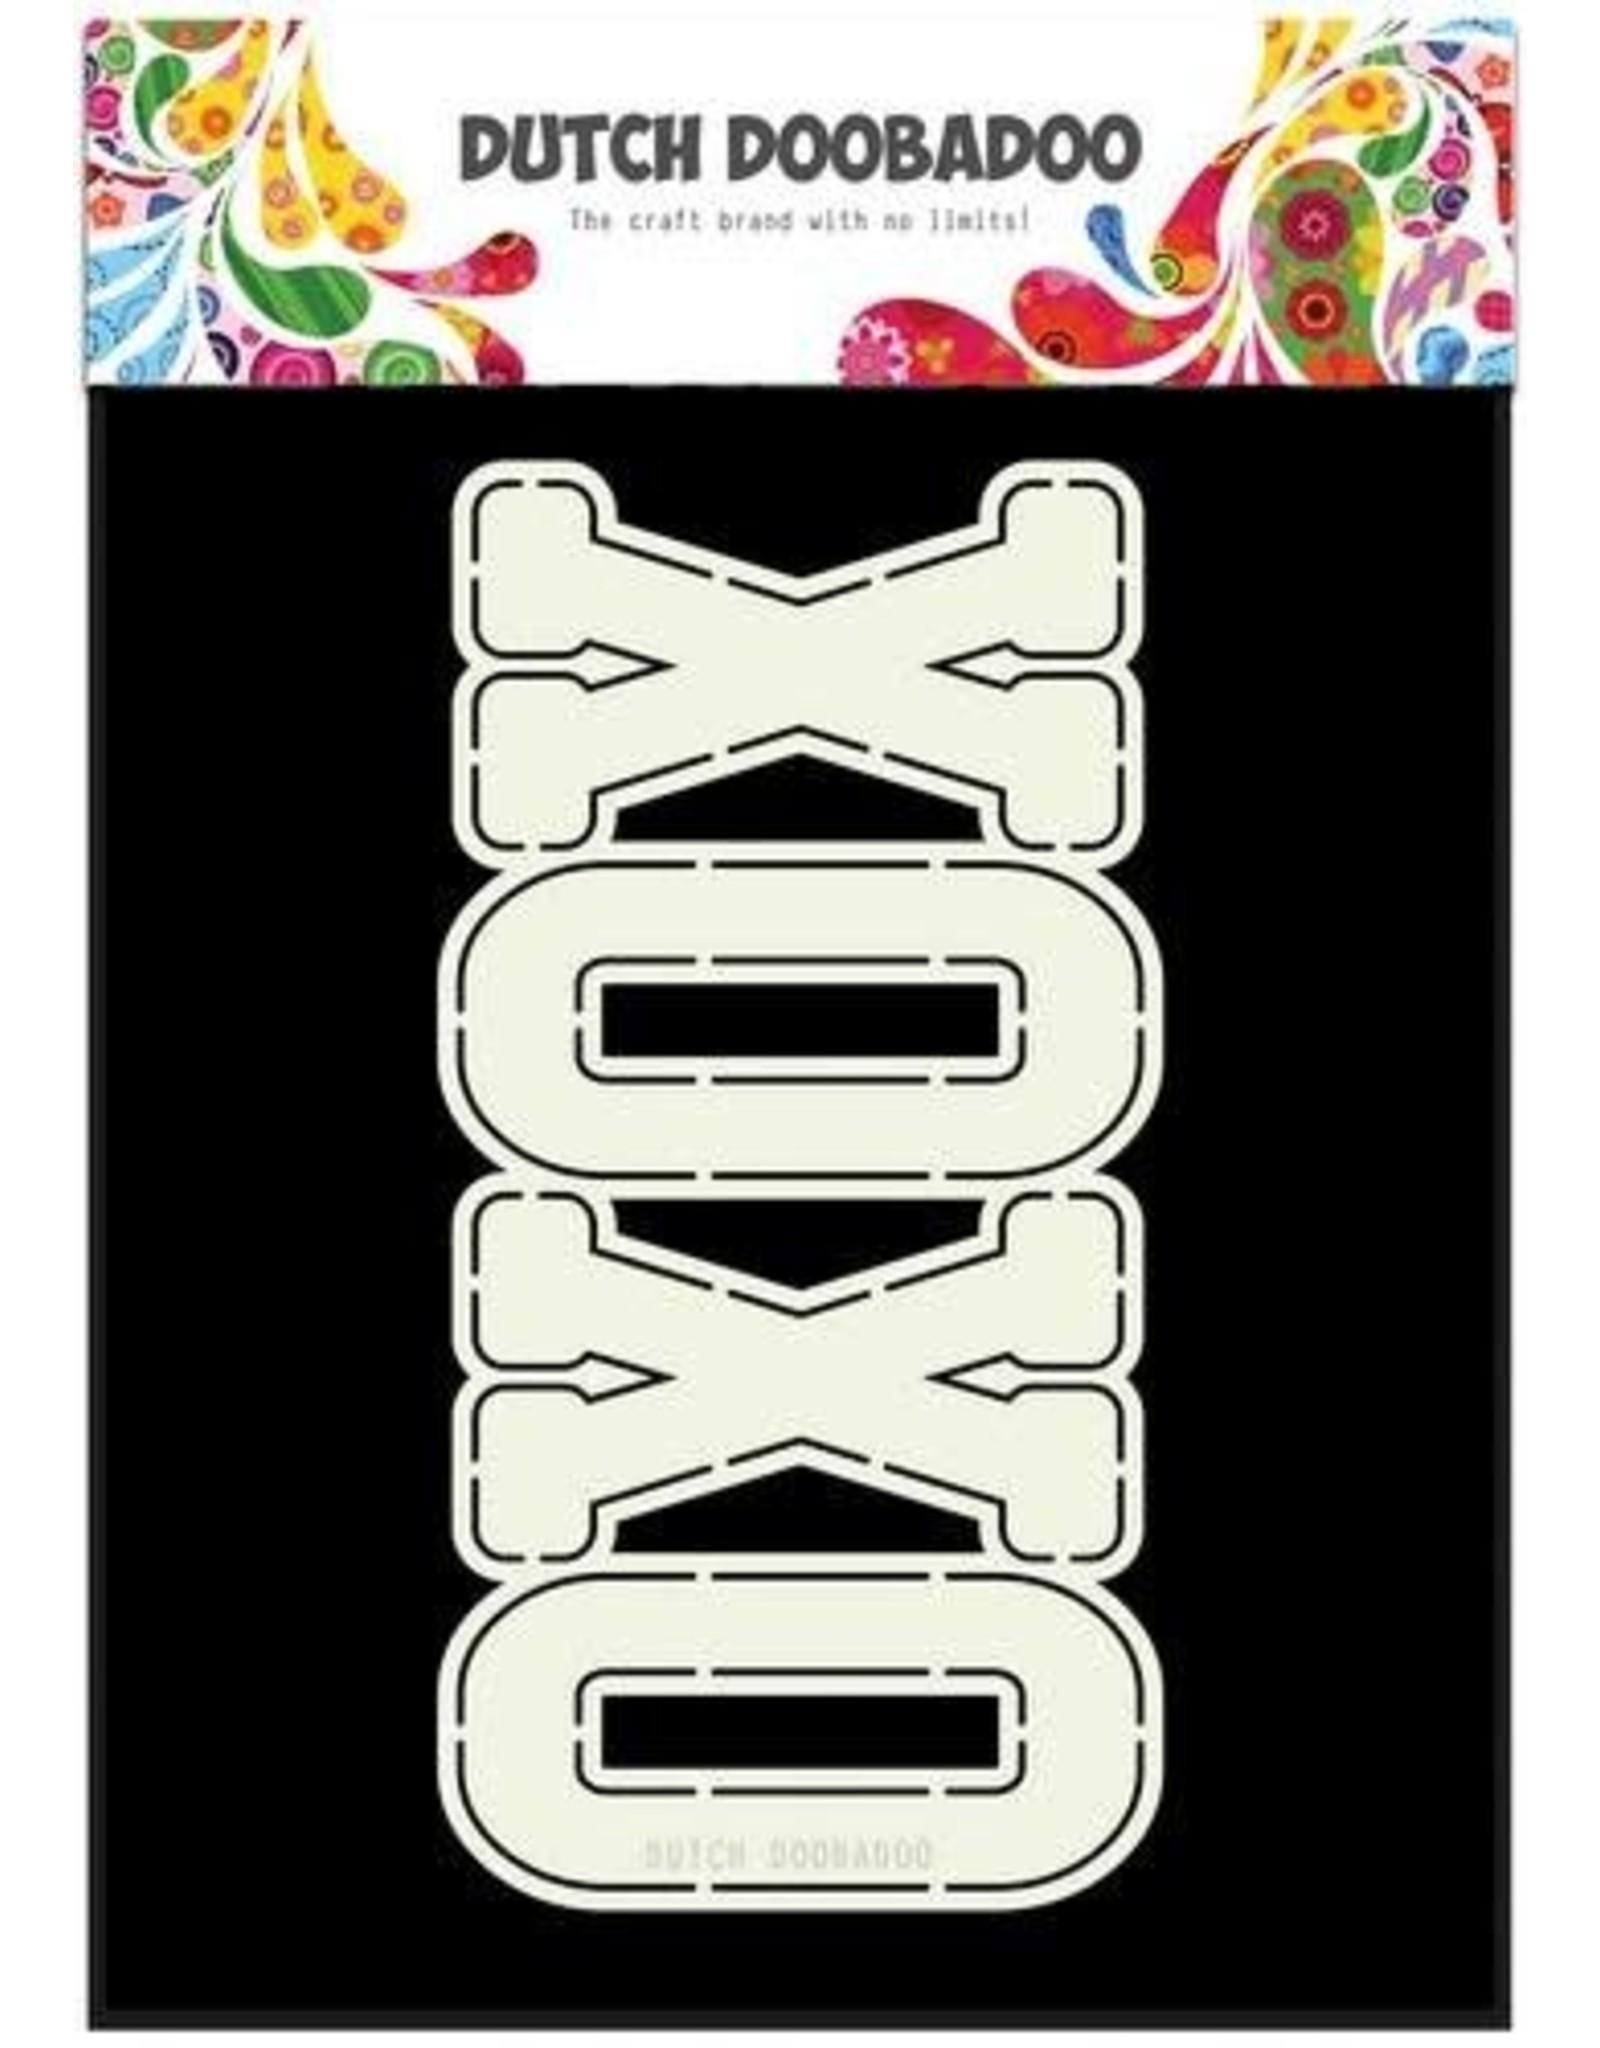 Dutch Doobadoo Card Art Dutch Doobadoo Dutch Card Art XOXO 470.713.657 A4